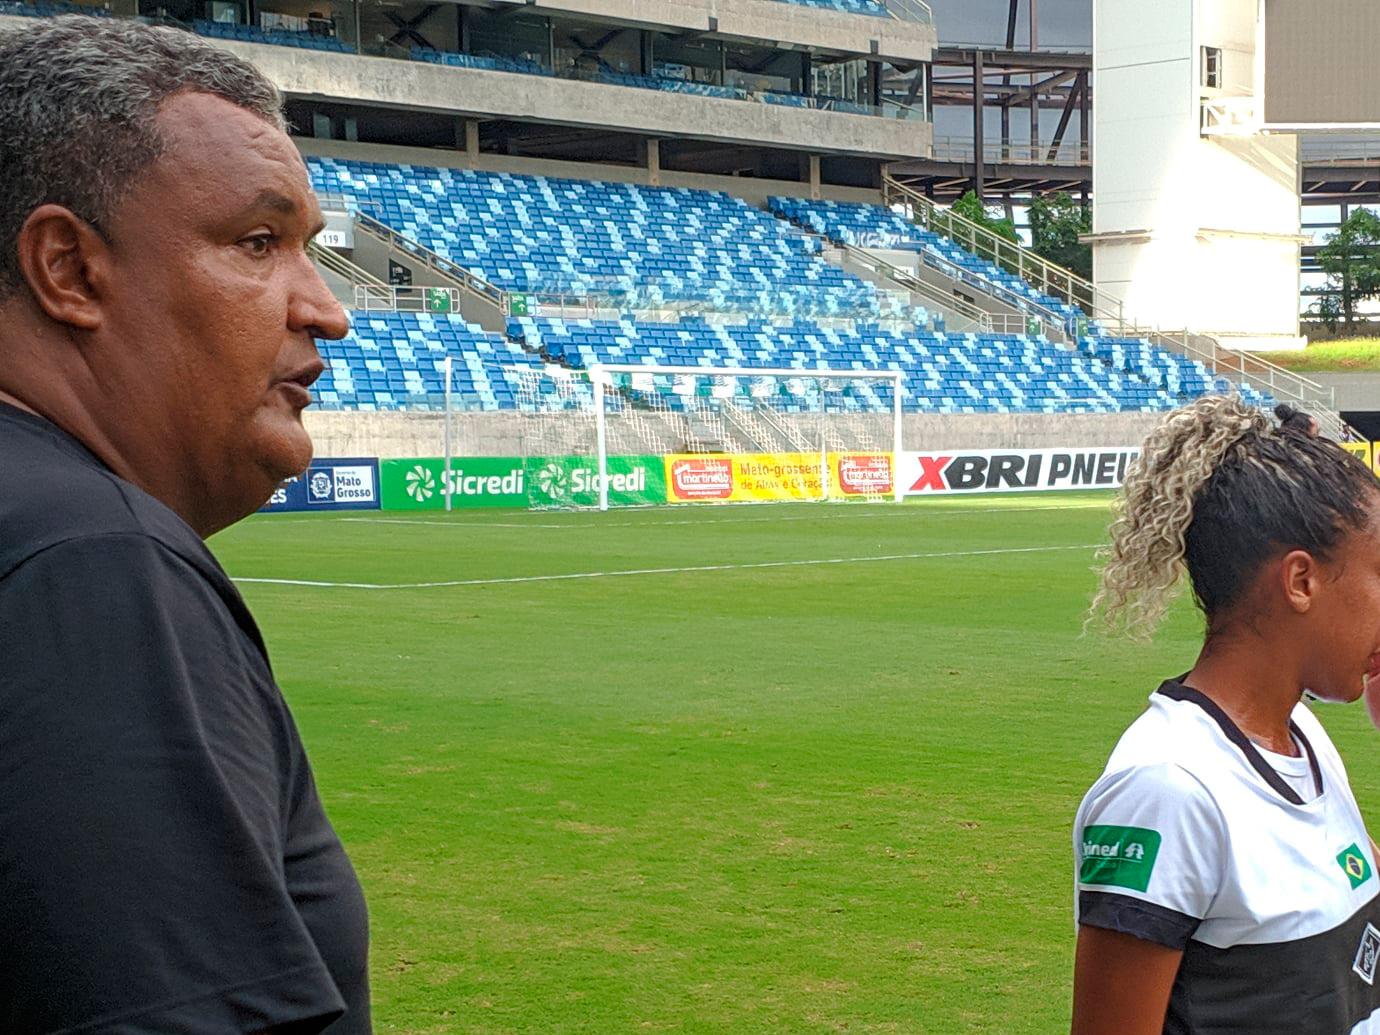 técnico comanda jogo de futebol feminino